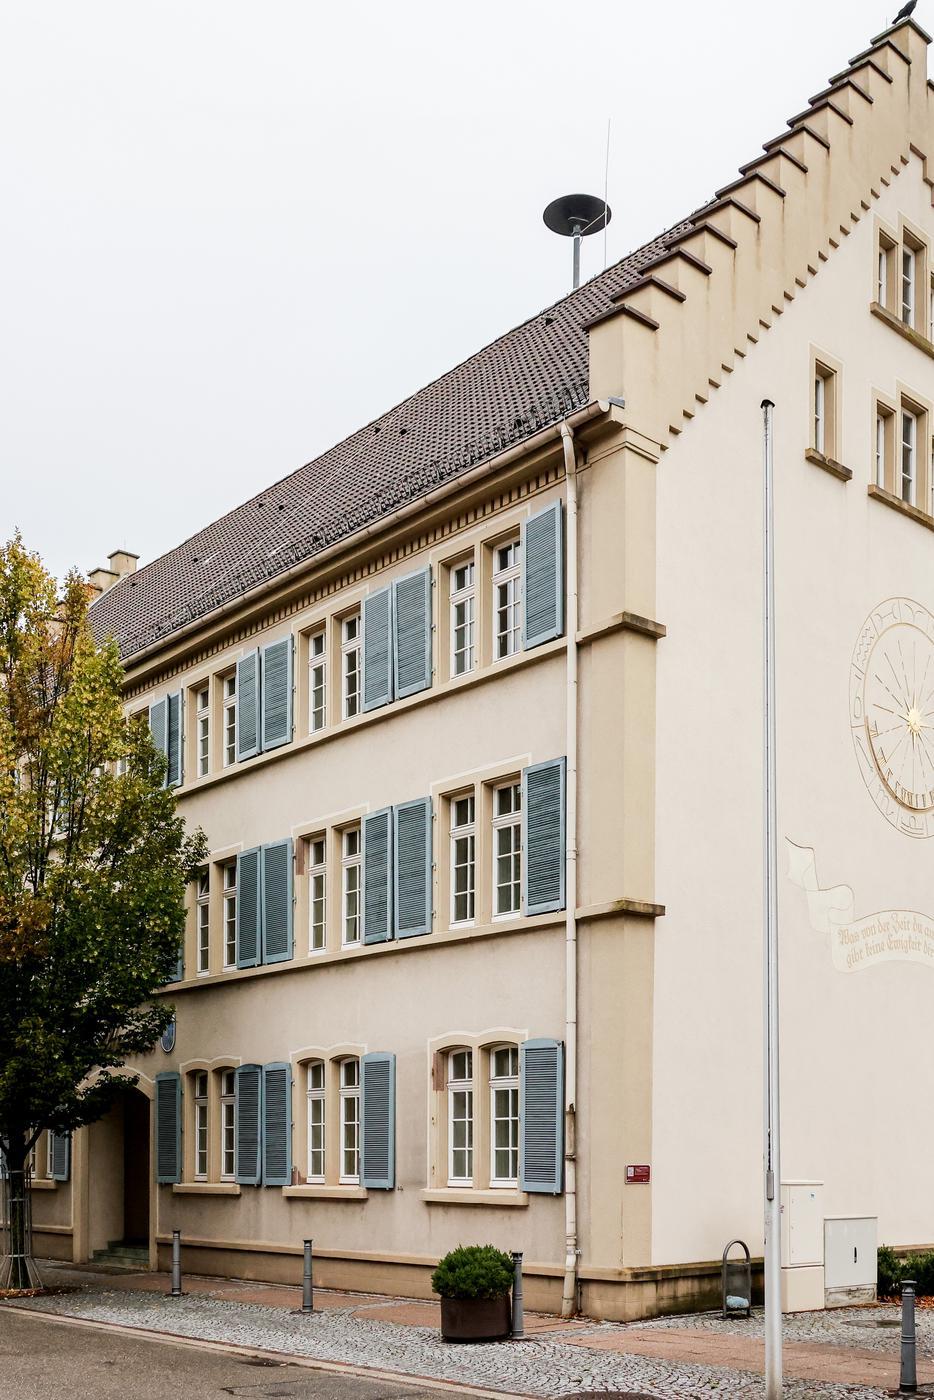 Das Rathaus in Gondelsheim 2.